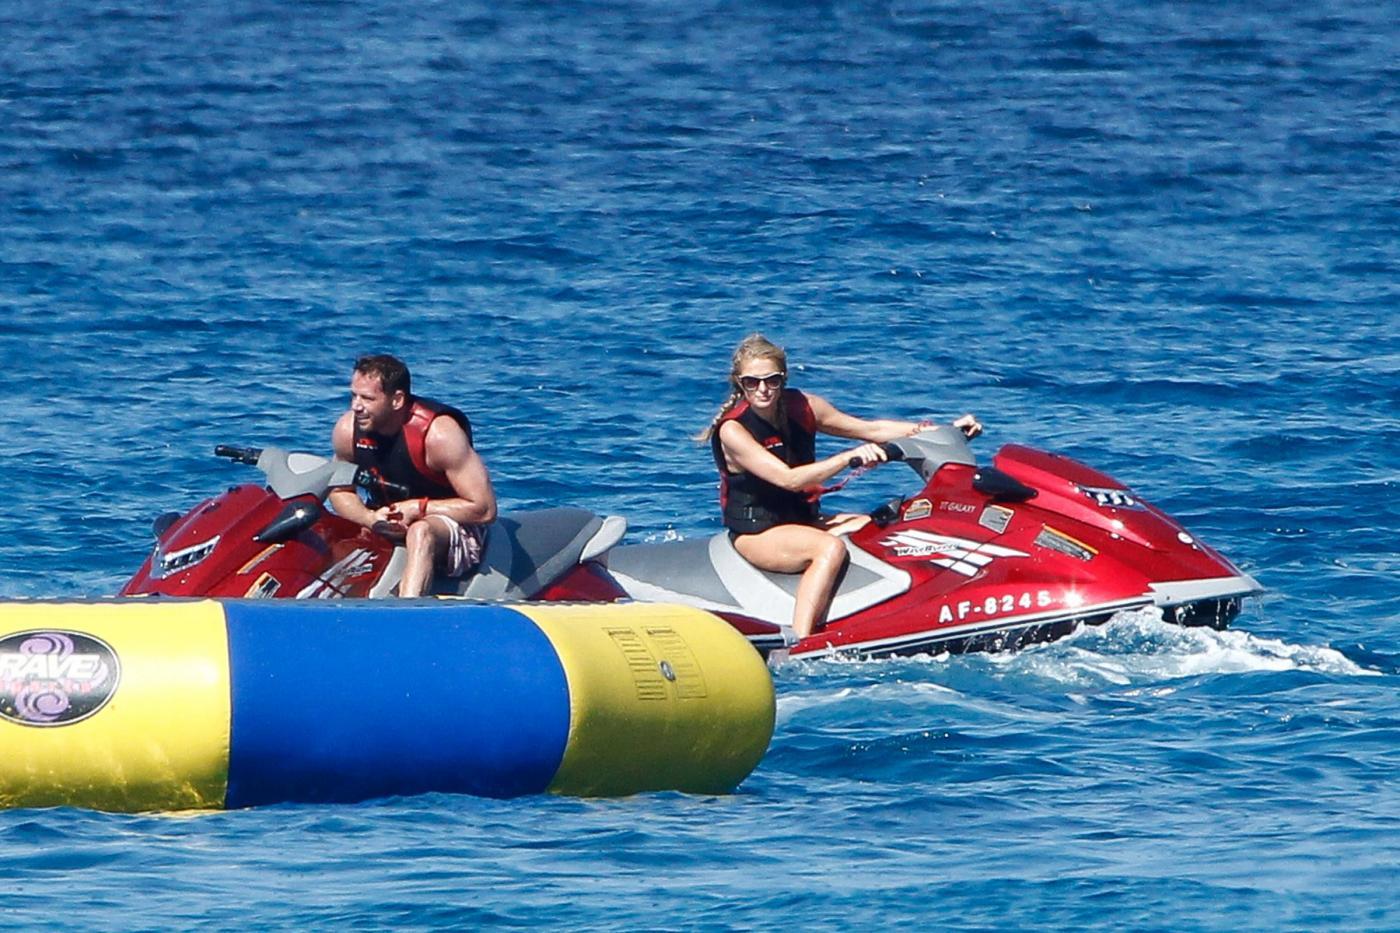 Paris Hilton e fidanzato a Formentera: sole, amore e yacht da sogno18